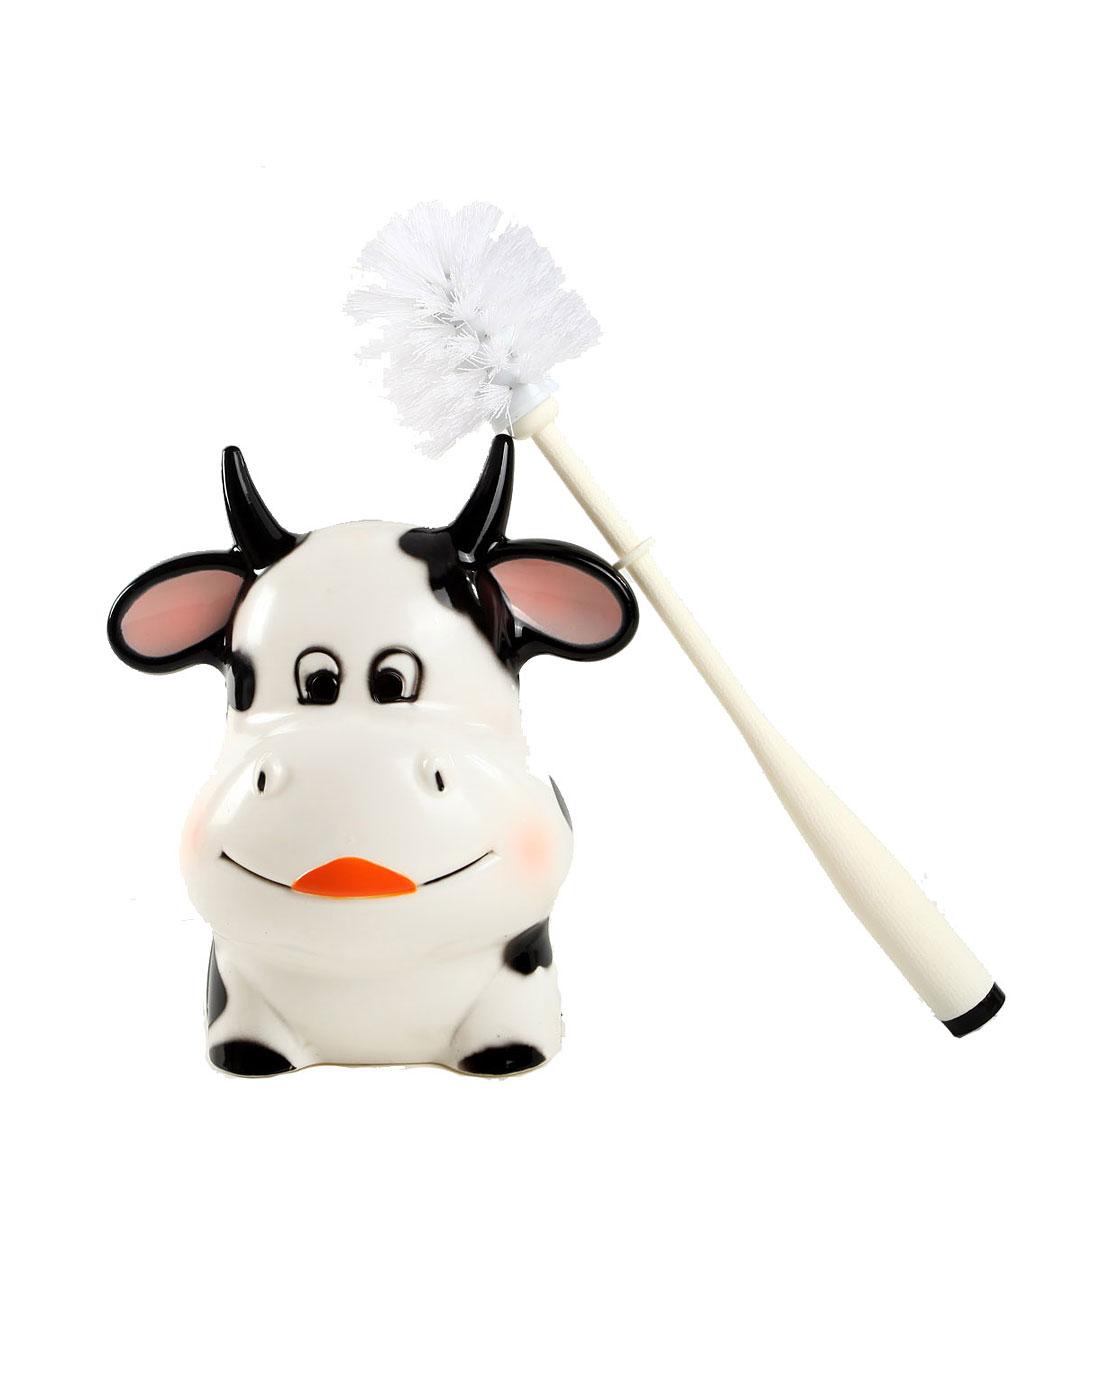 白黑色可爱小奶牛造型马桶刷